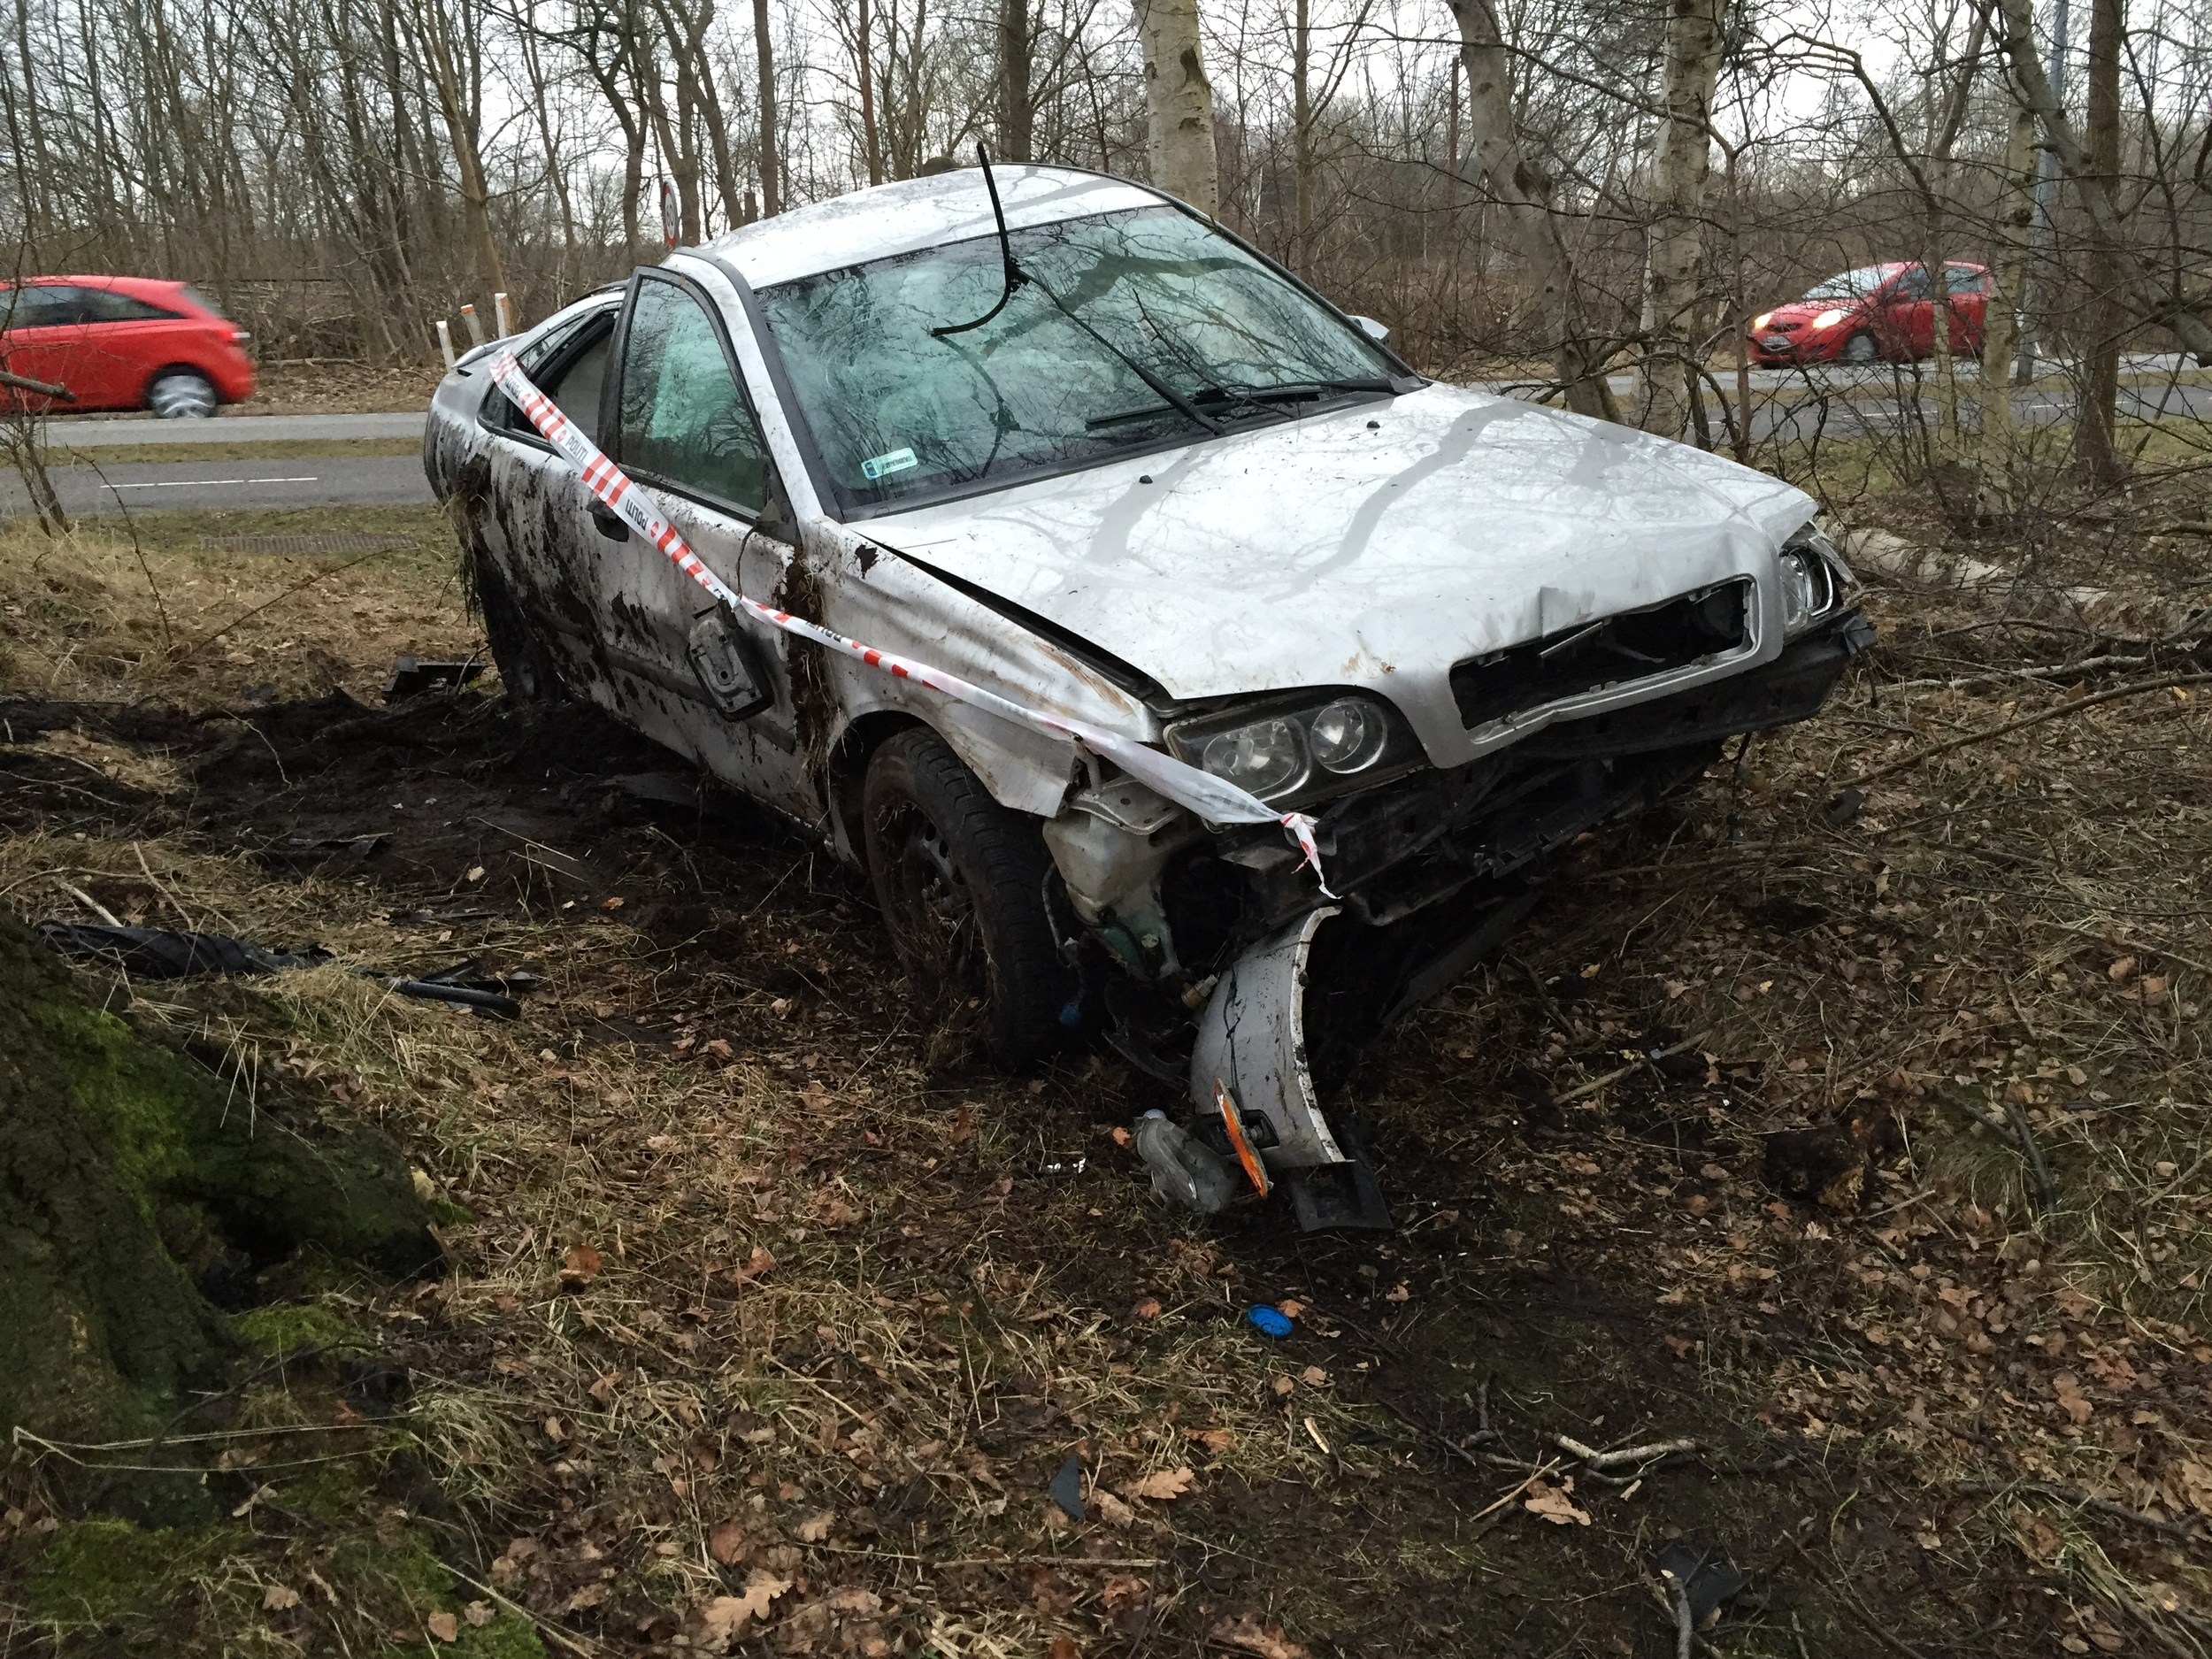 Den havarerede bil så forfærdelig medtaget ud med bildele spredt ud over arealet. Politiet havde været på stedet og afmonteret nummerpladerne. Foto. AOB